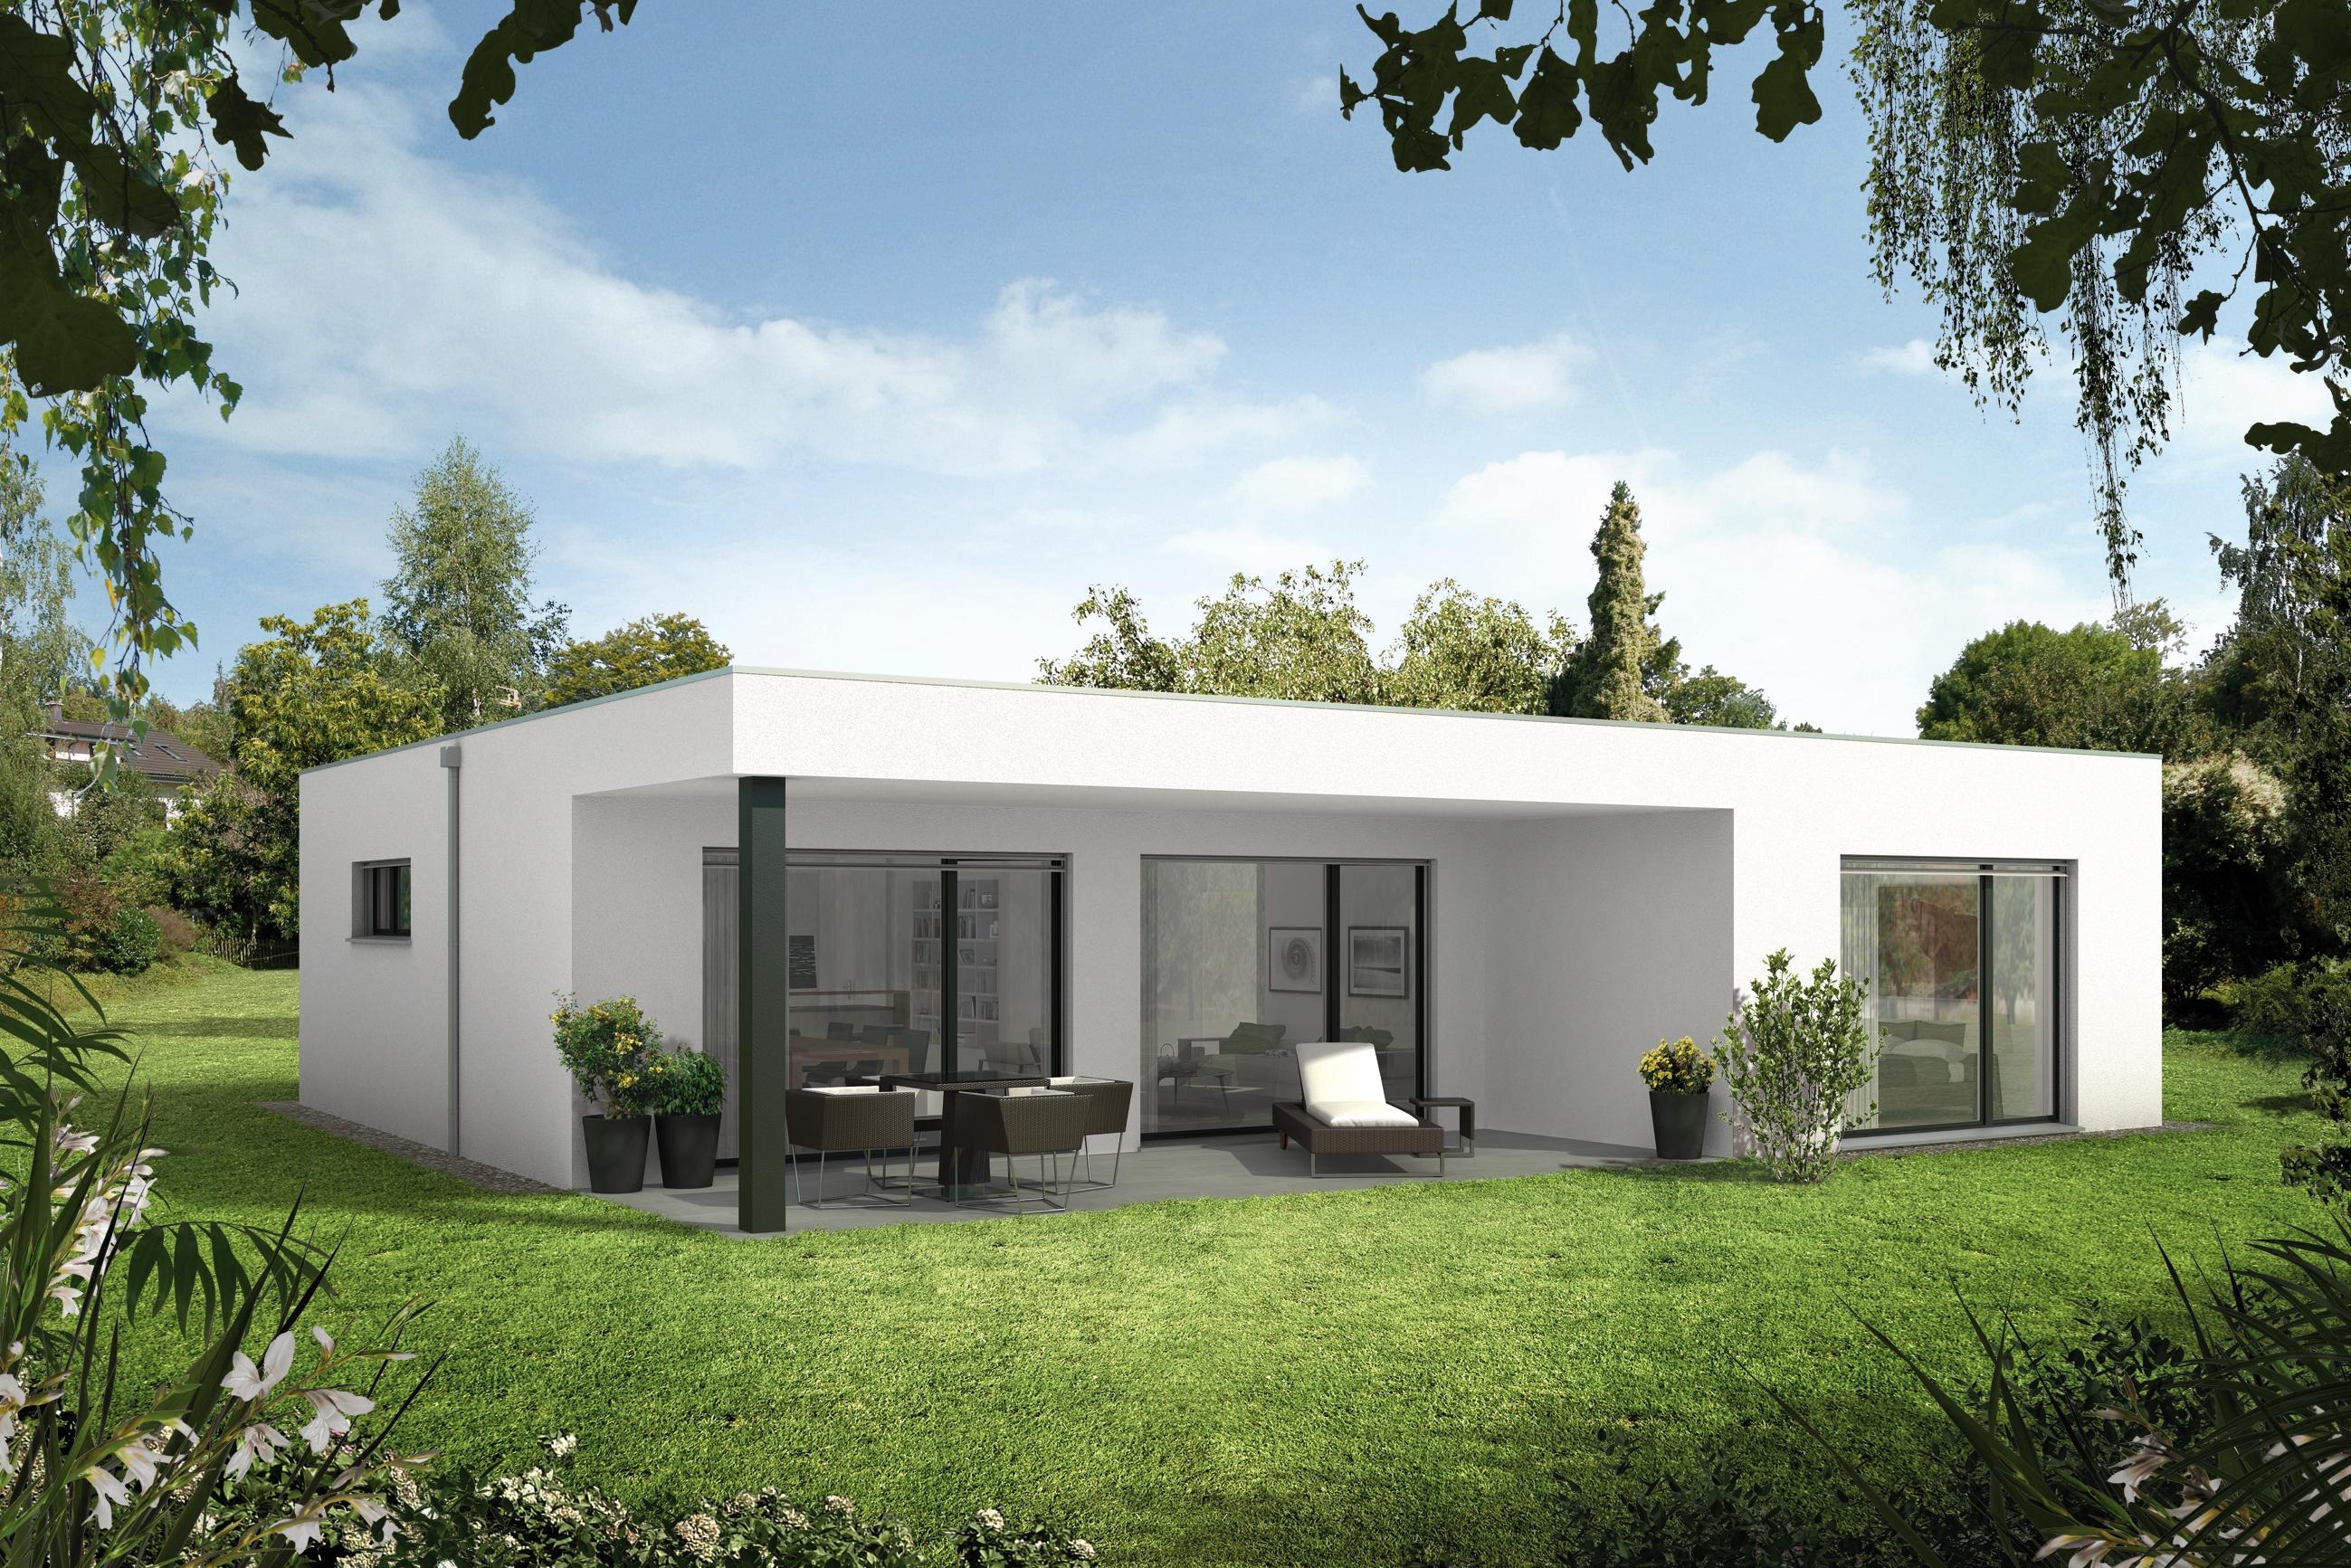 Swsshaus ag mit drei neuen hausmodellen in den herbst for Hausmodelle modern